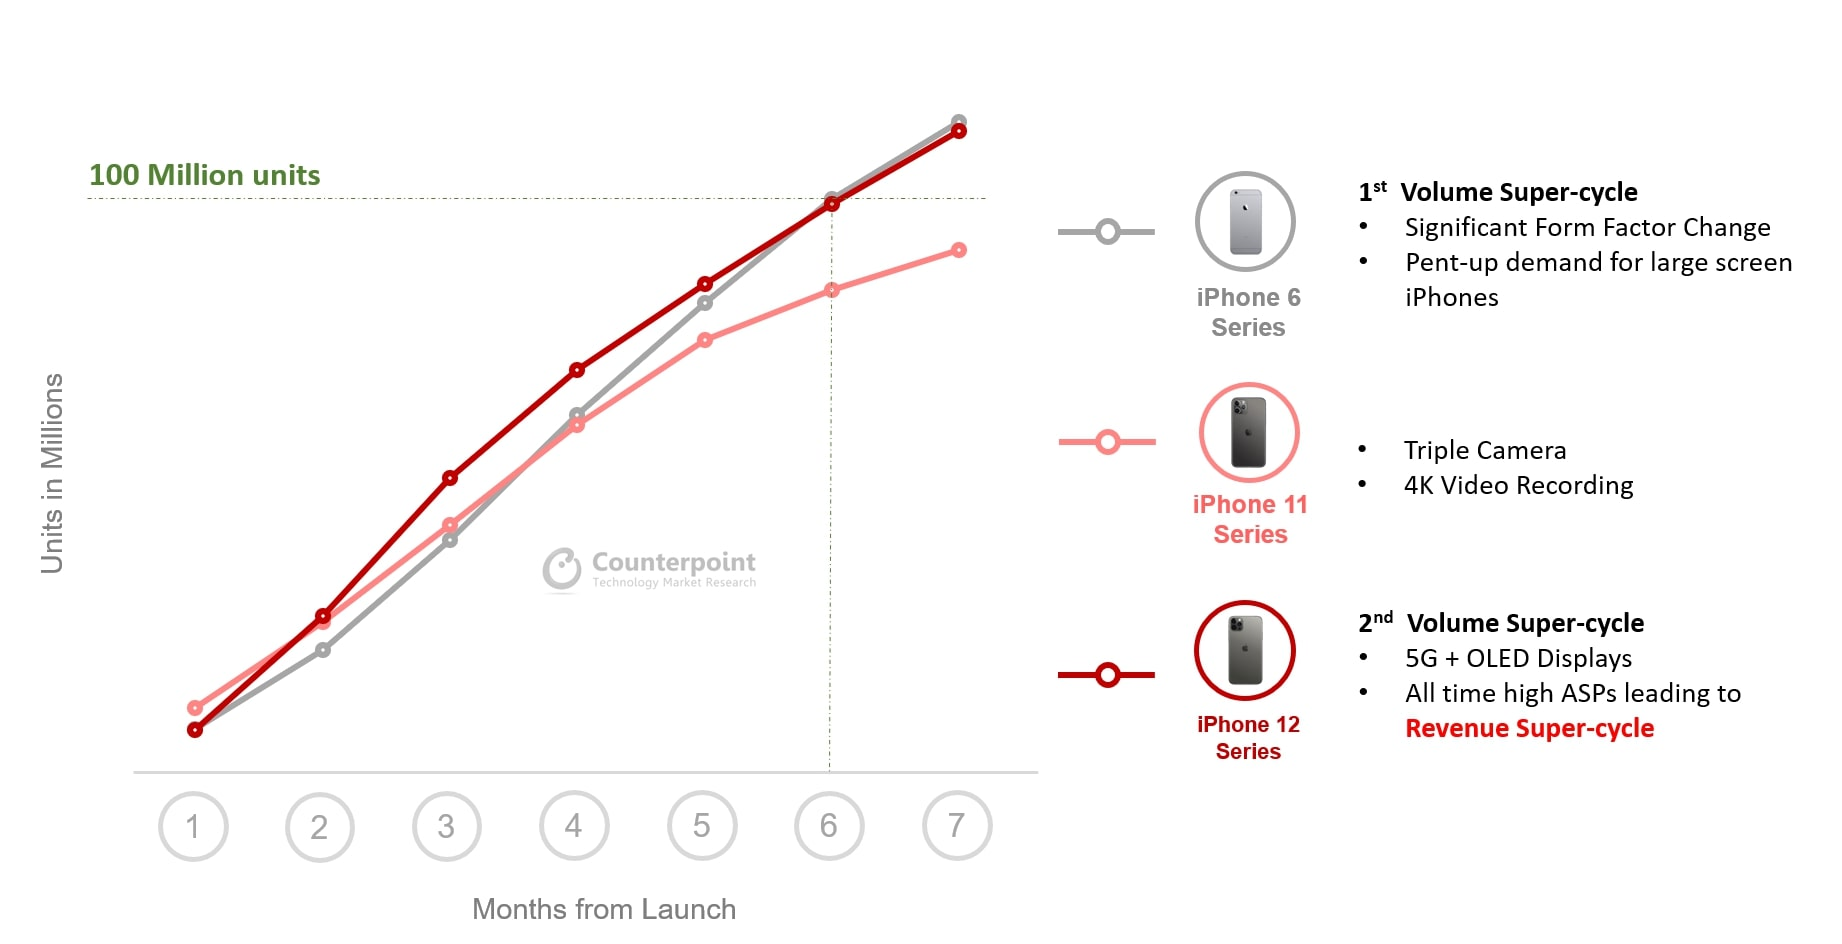 Graphique comparant les progressions des séries iPhone 6, iPhone 11 et iPhone 12 sur sept mois, sur une base de 100 millions d'unités.